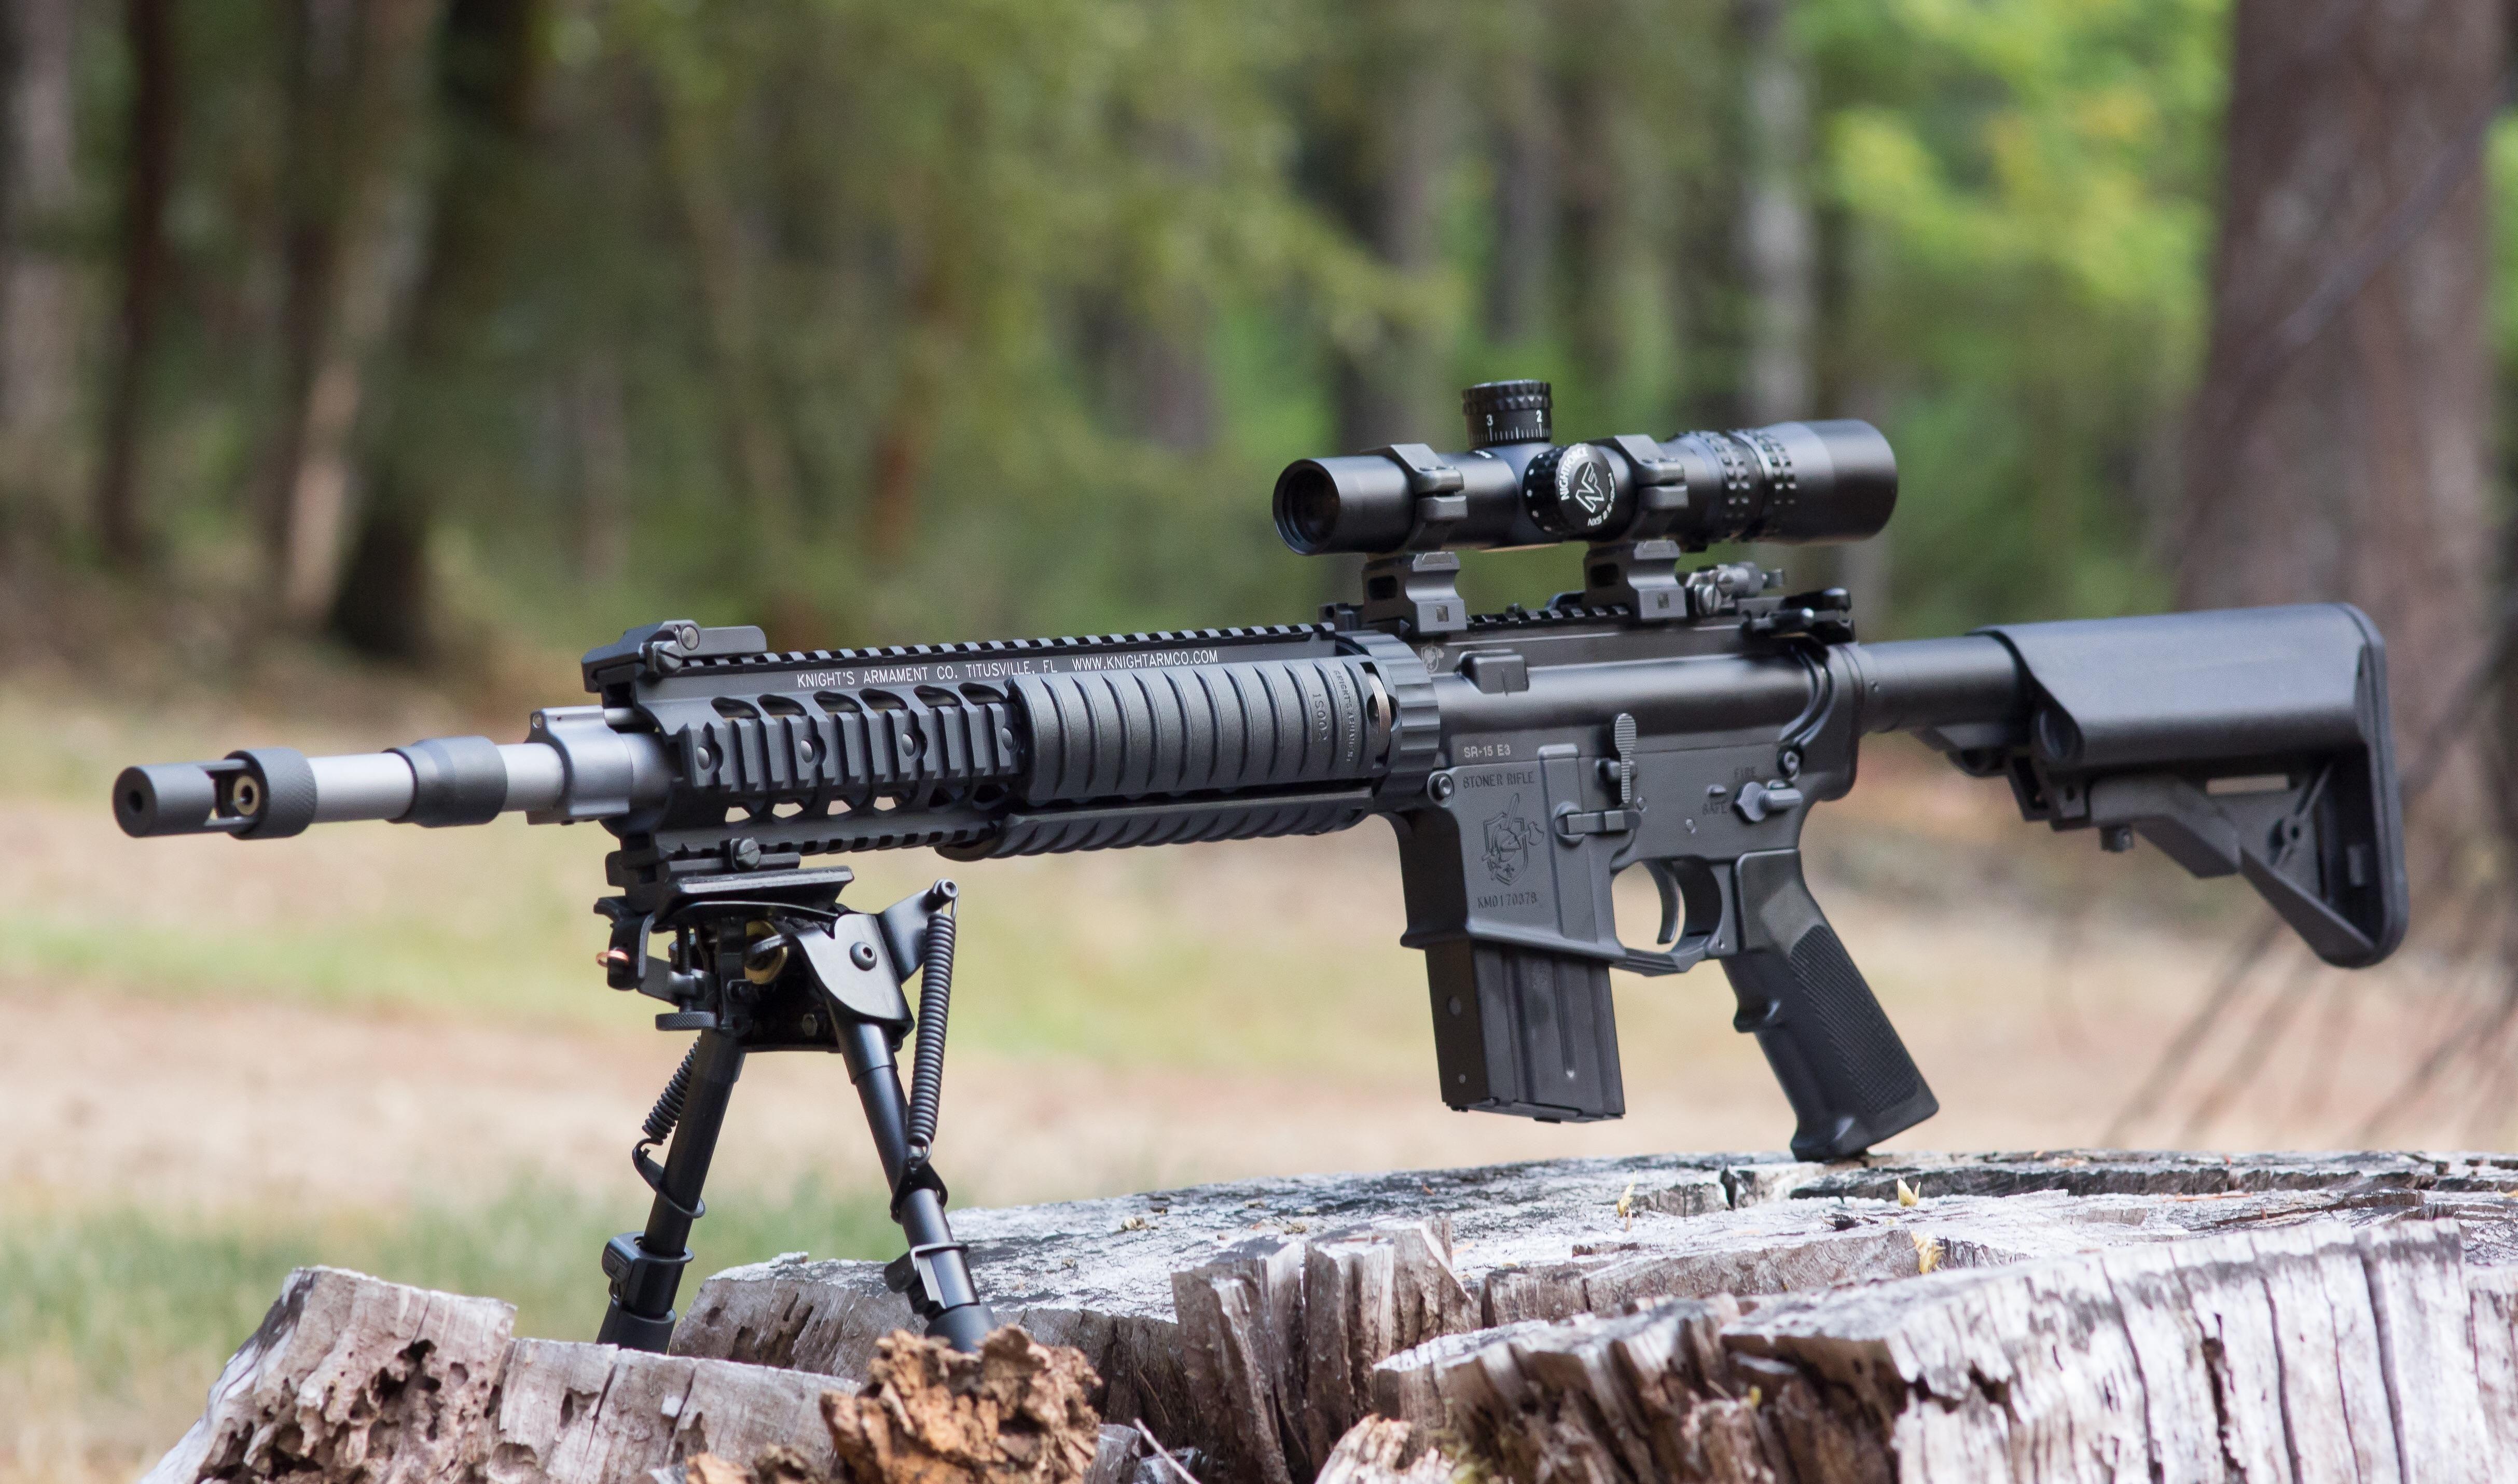 Mk 12 SPR AR15 Build - Guns & Weapons | Mk12 | Guns, Replica